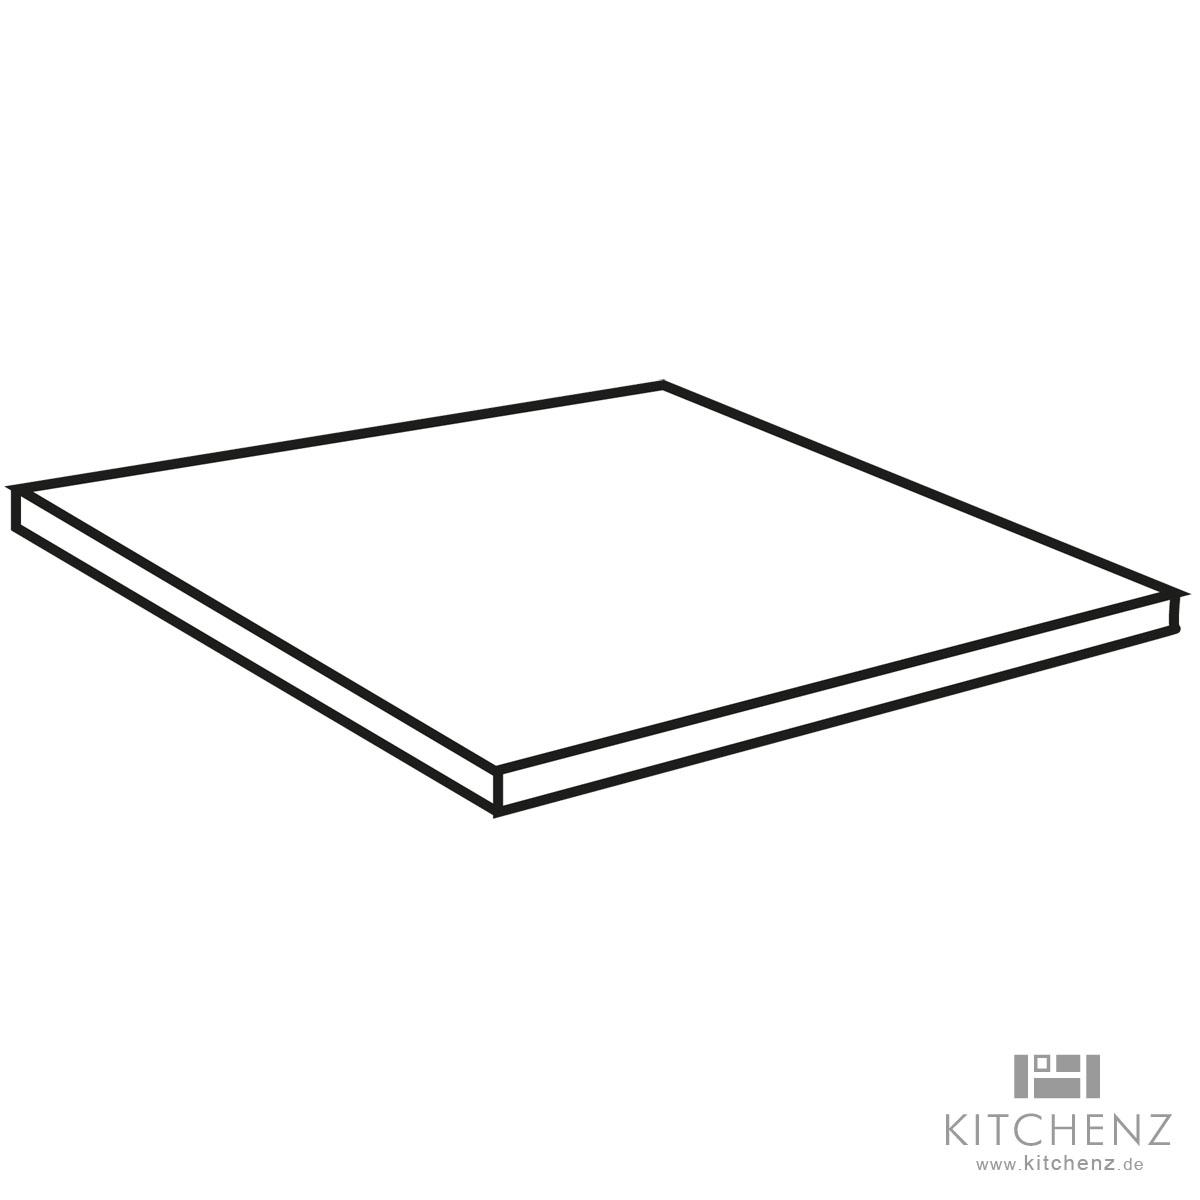 Full Size of Einlegeböden Metod Küche Einlegeböden Küche Ikea Einlegeboden Küchenschrank Ikea Einlegeböden Küchenschrank Küche Einlegeböden Küche